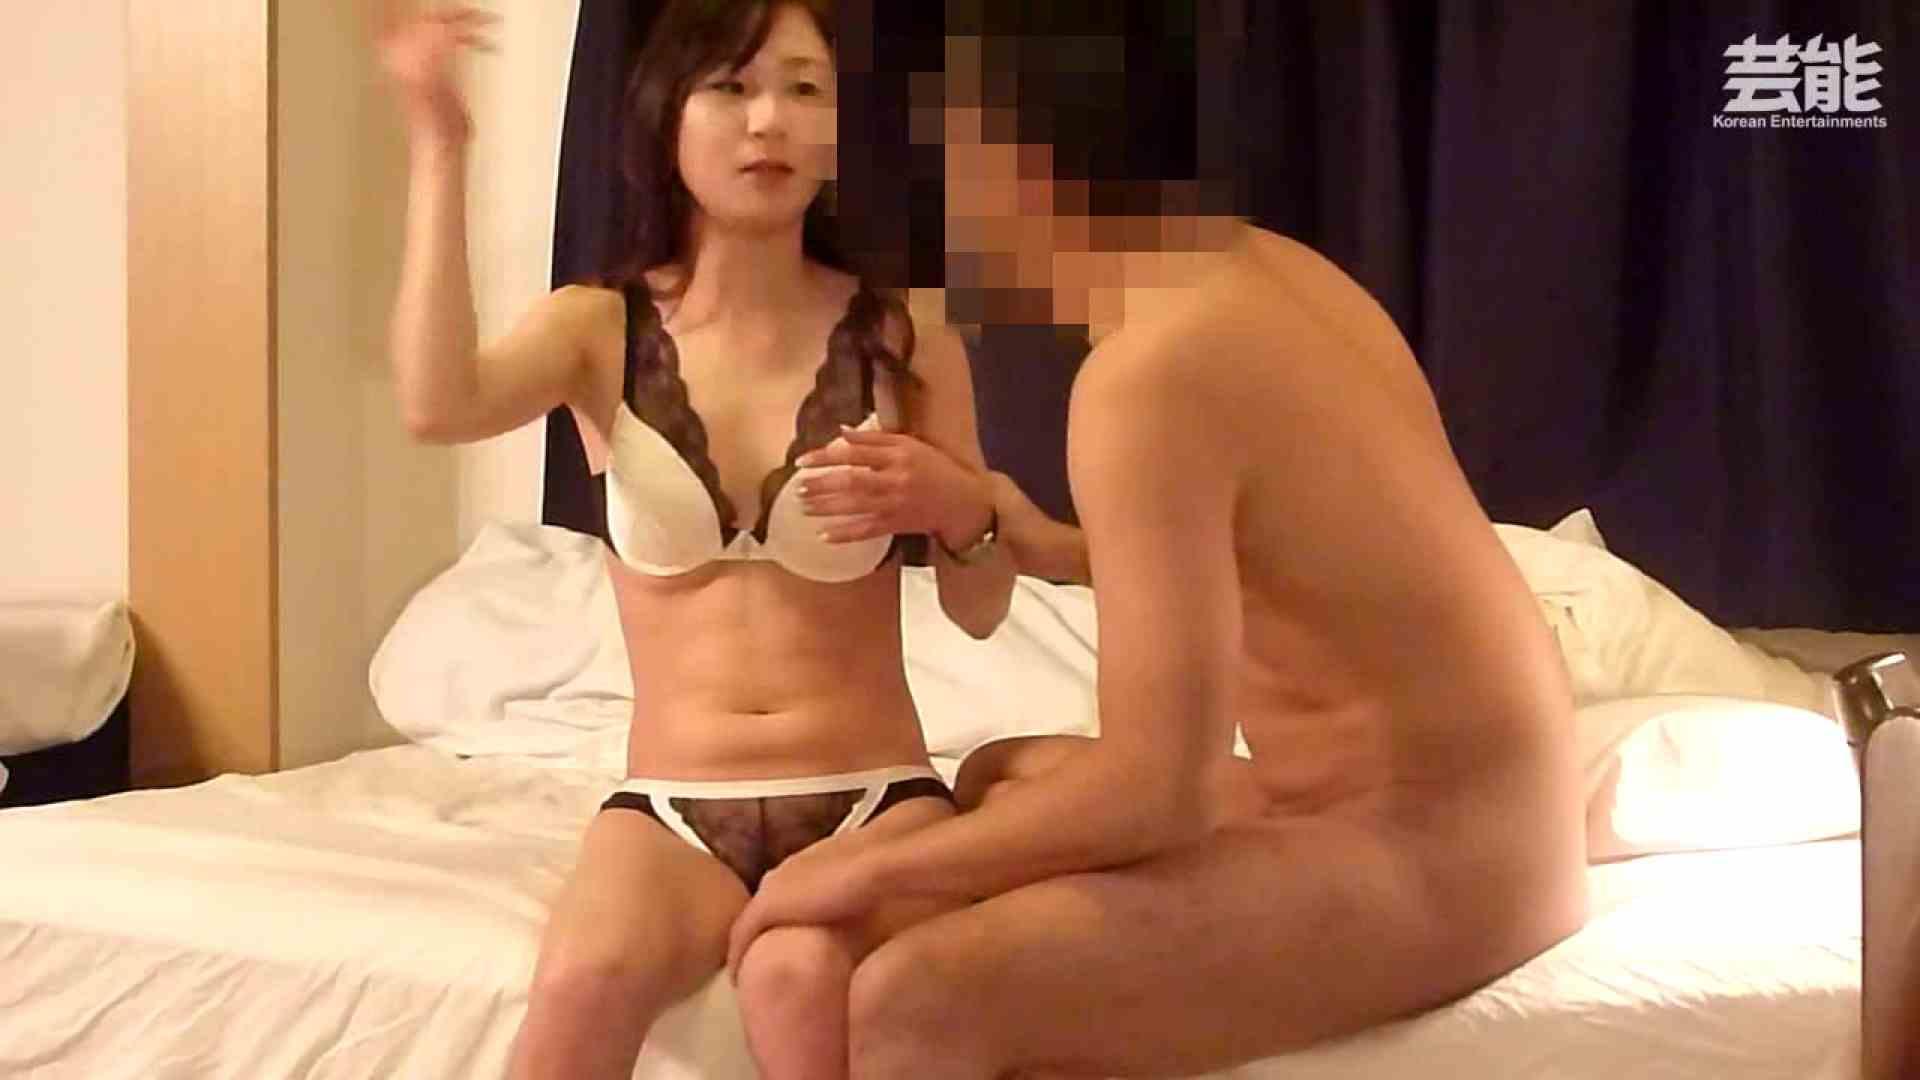 続・韓国芸能プロダクションタレントのたまご Vol.35 タレント セックス無修正動画無料 74連発 32